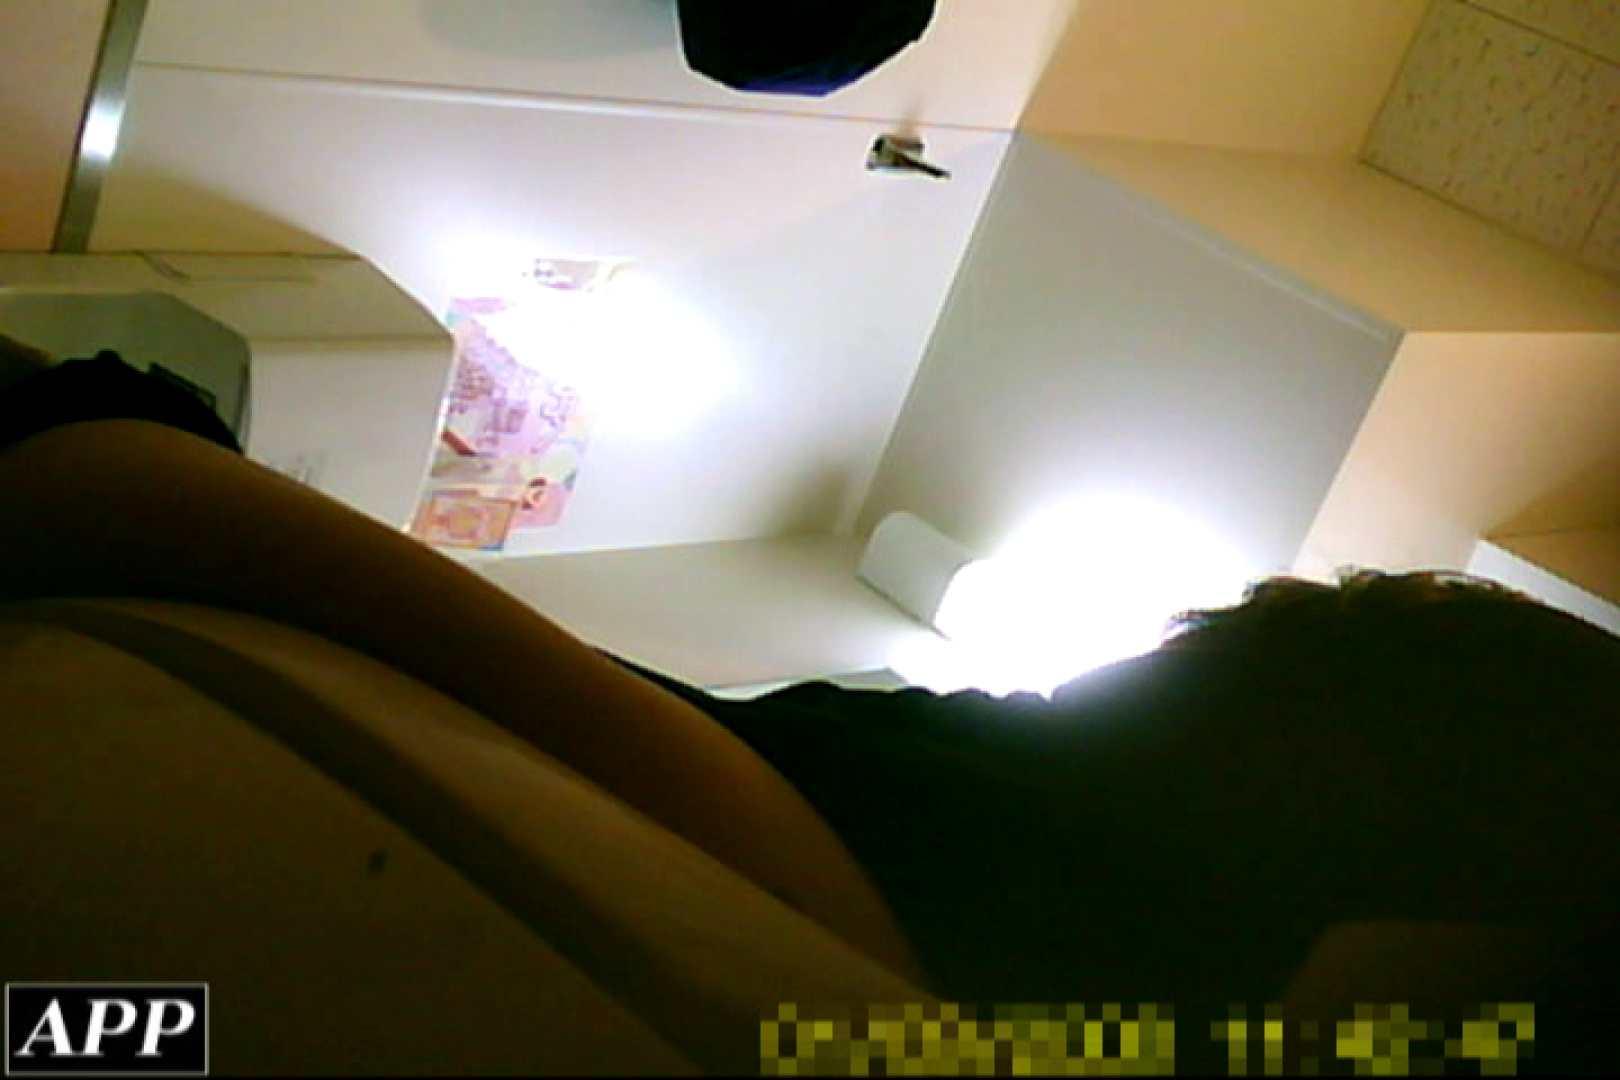 3視点洗面所 vol.05 お姉さん達のオマンコ おまんこ無修正動画無料 90連発 75